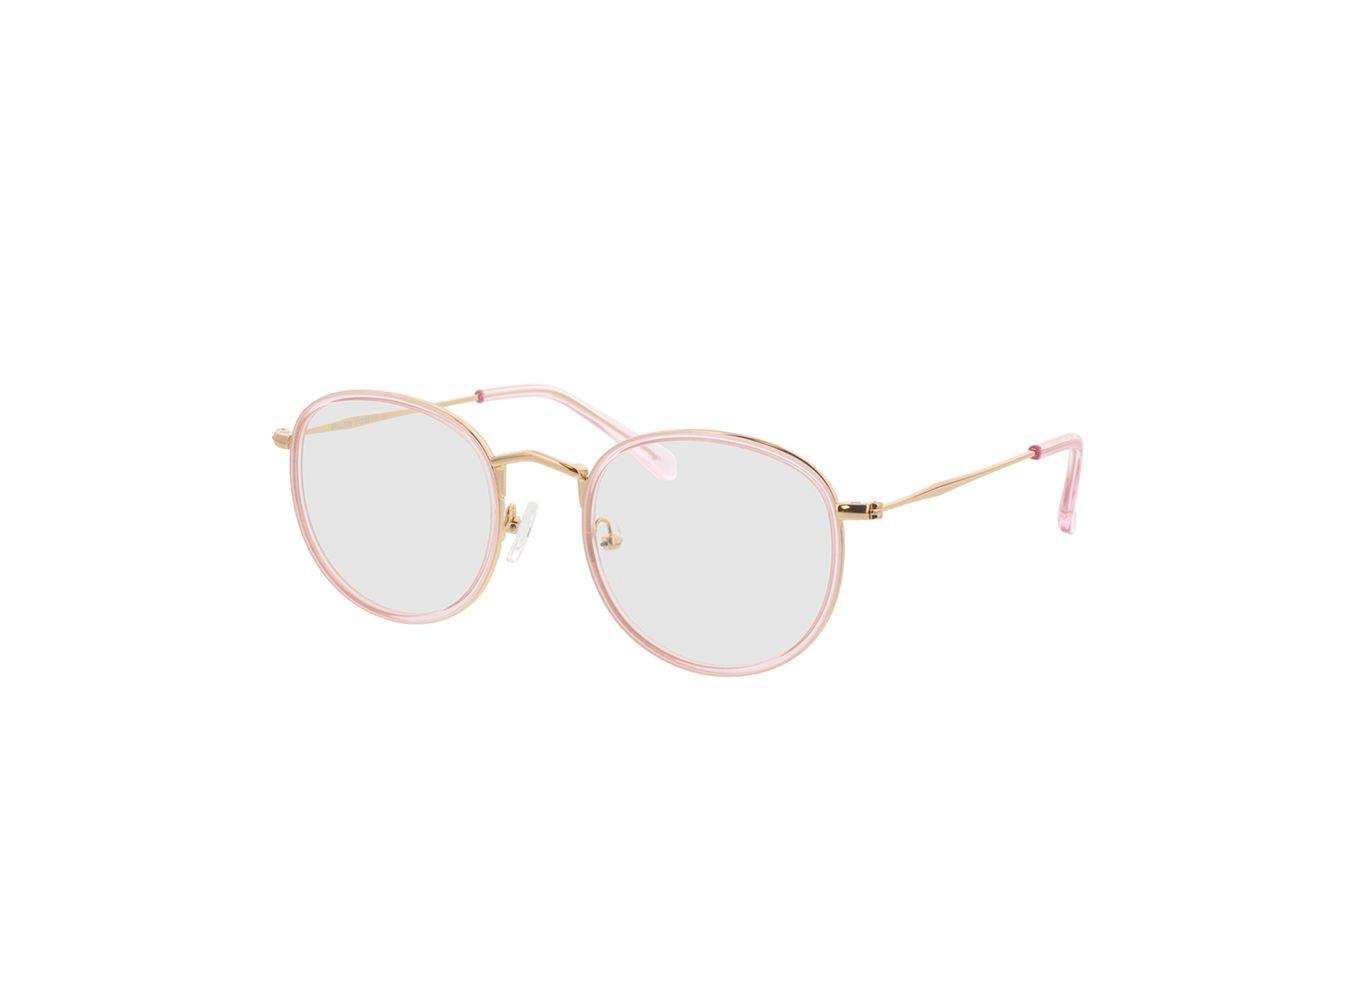 4741-singlevision-0000 Gilbritt-rosa/gold Gleitsichtbrille, Vollrand, Rund Brille24 Collection